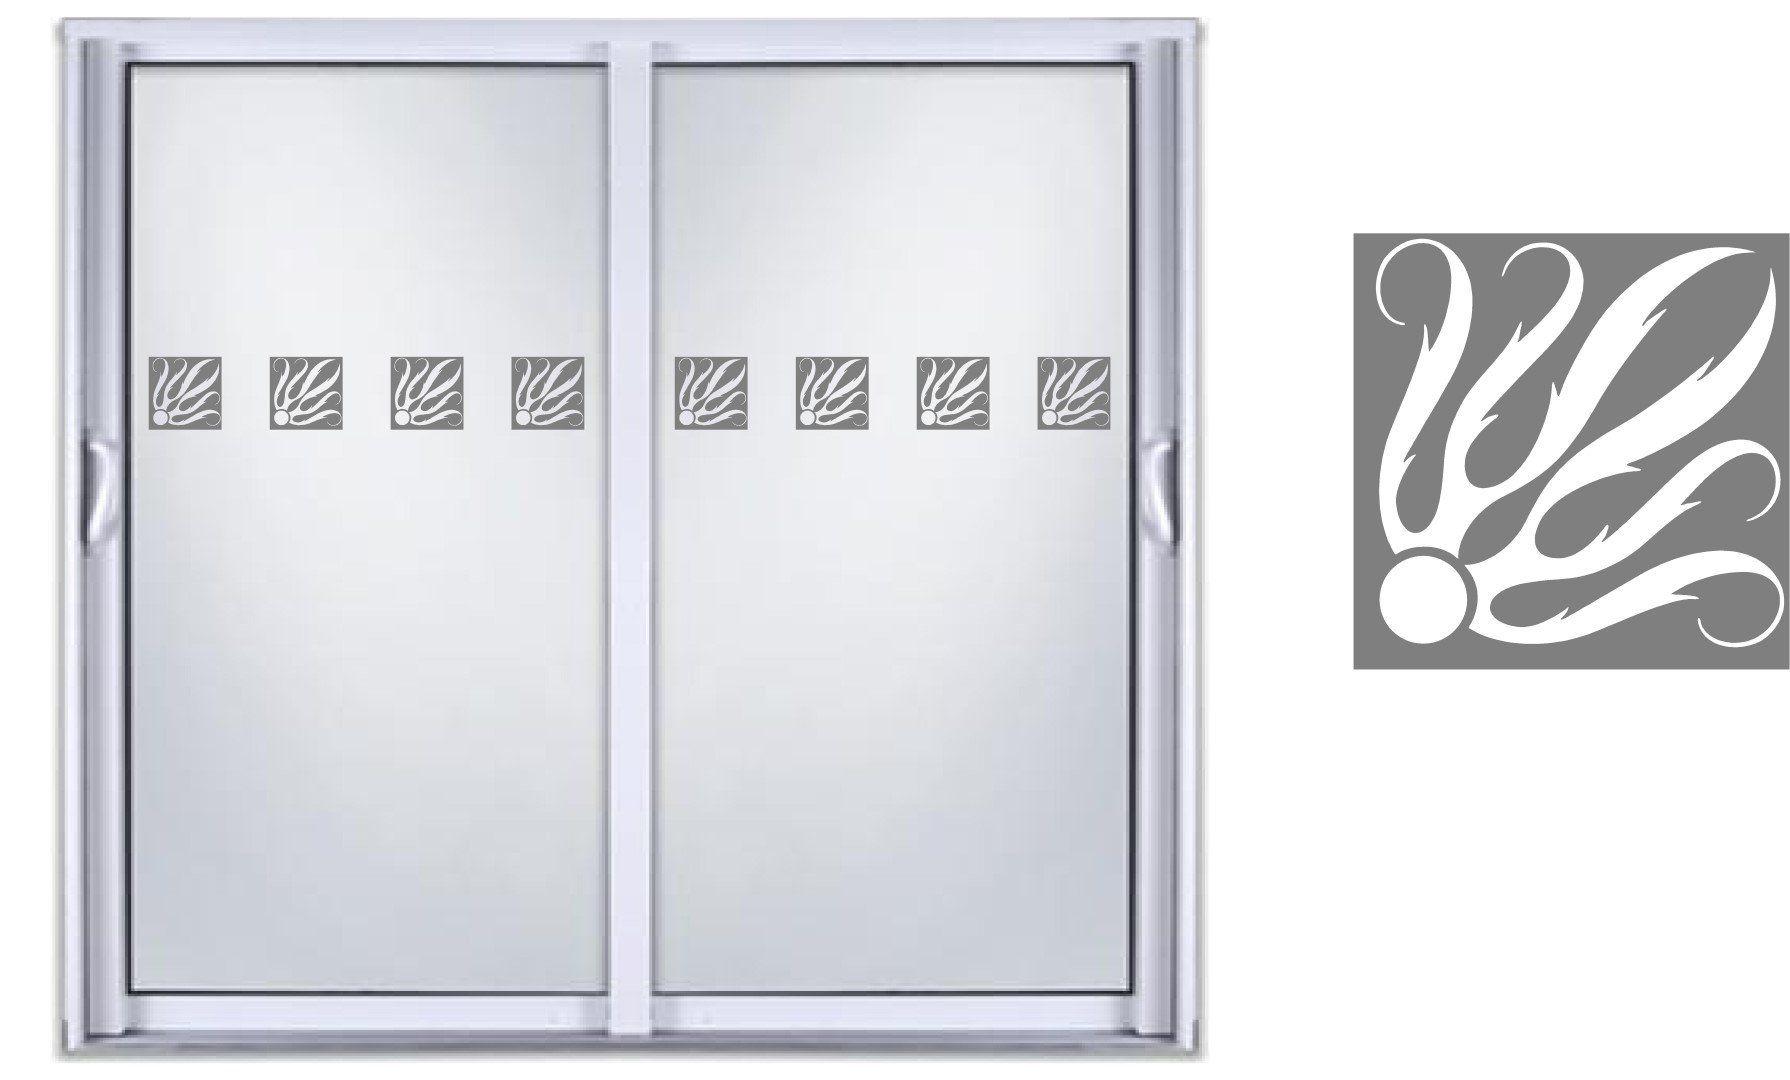 Safety diy etched glass vinyl privacy film glass door decals sliding door window decal stickers 04